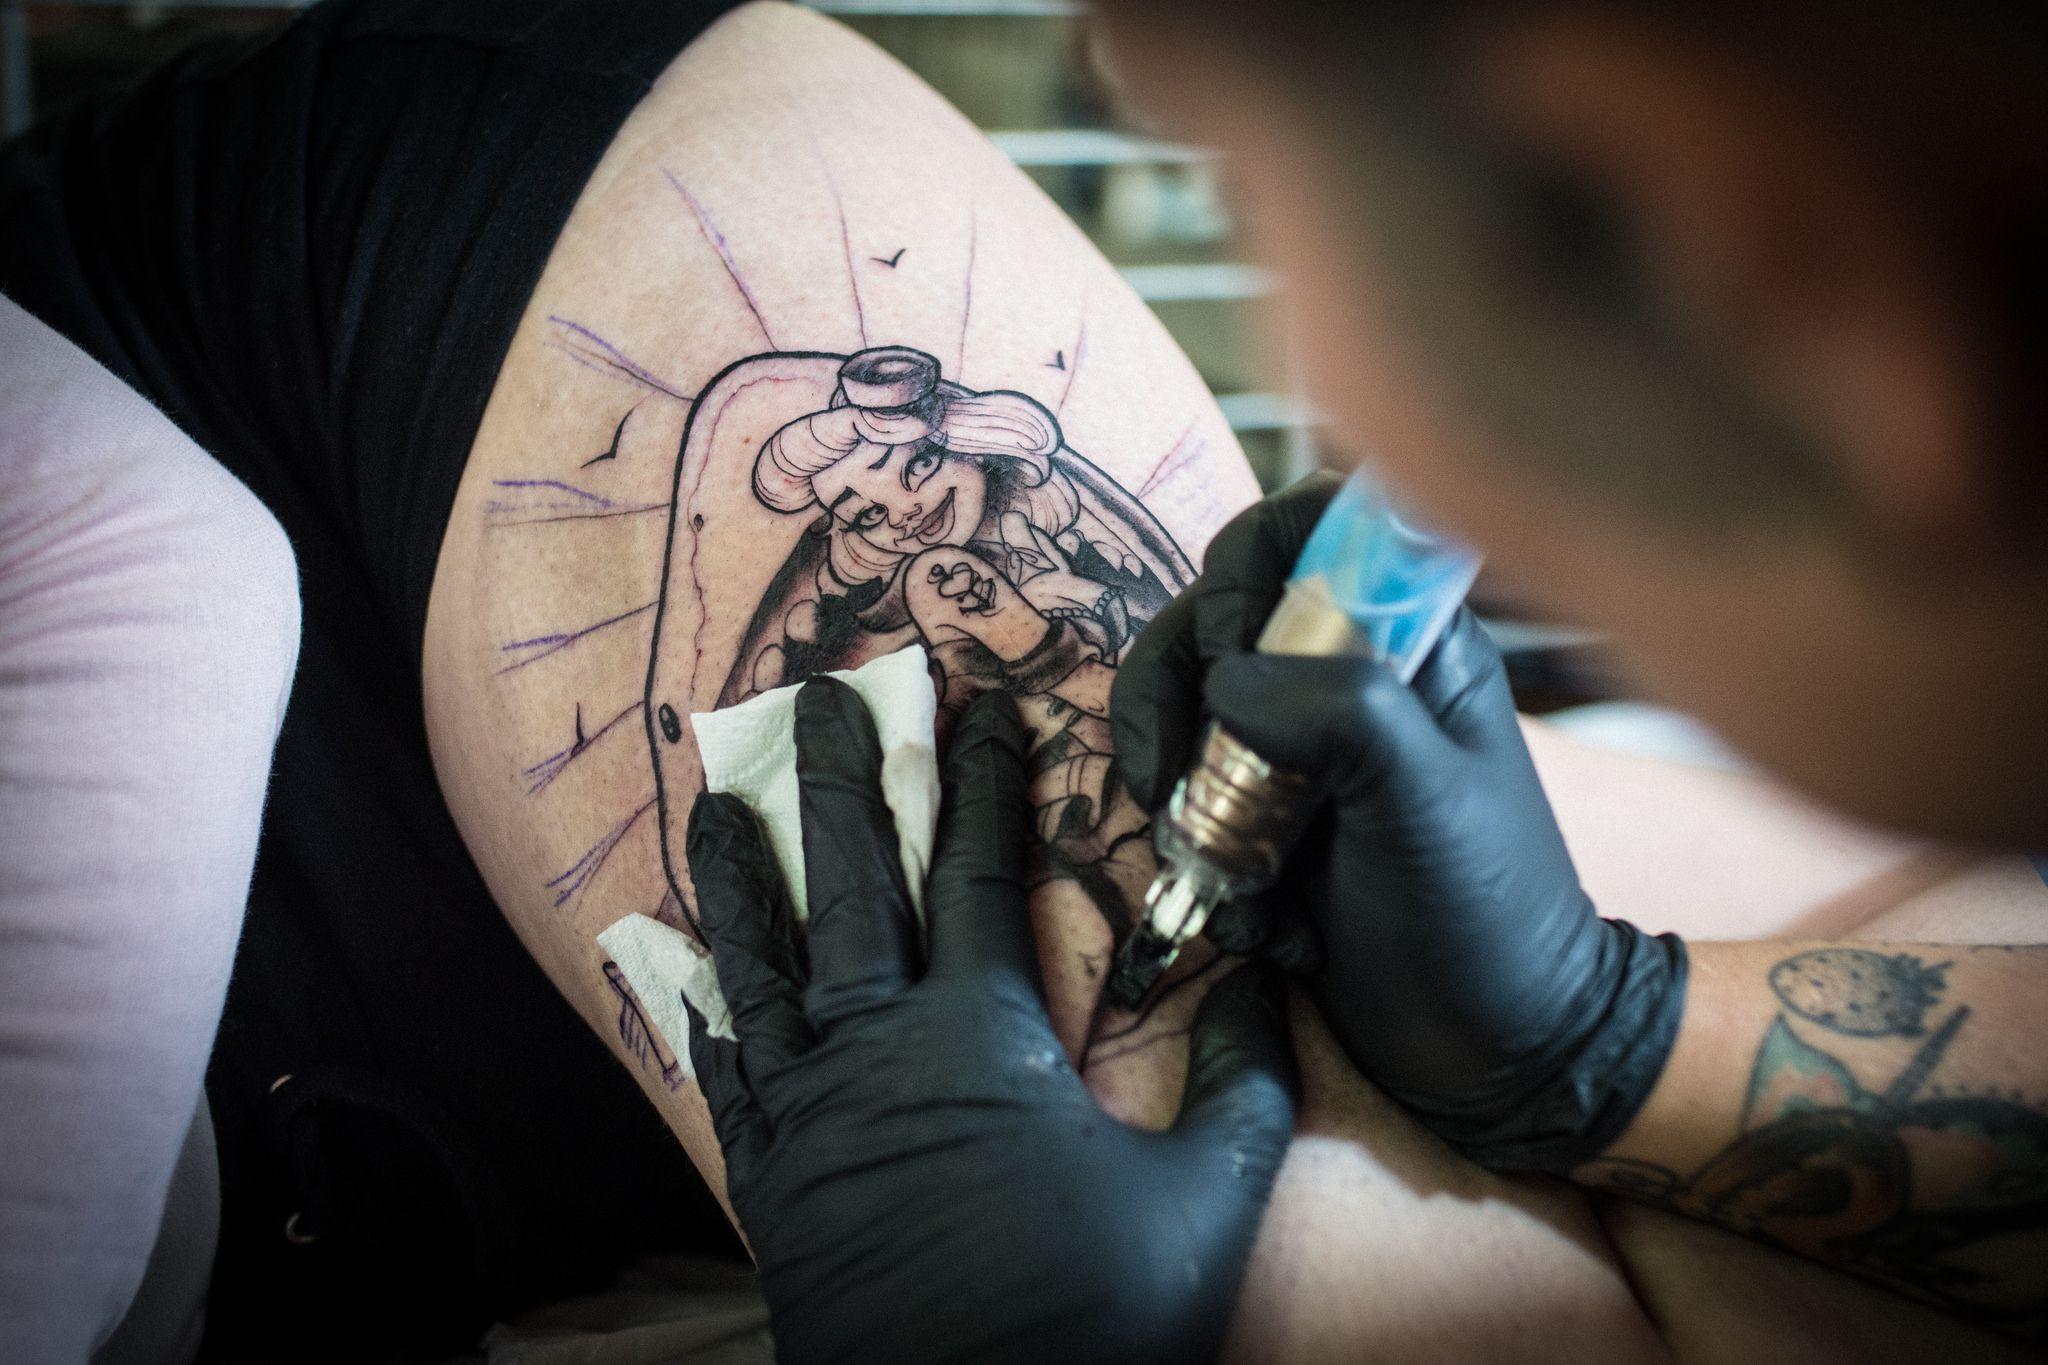 all saints tattoo6 All Saints Tattoo Show in Church